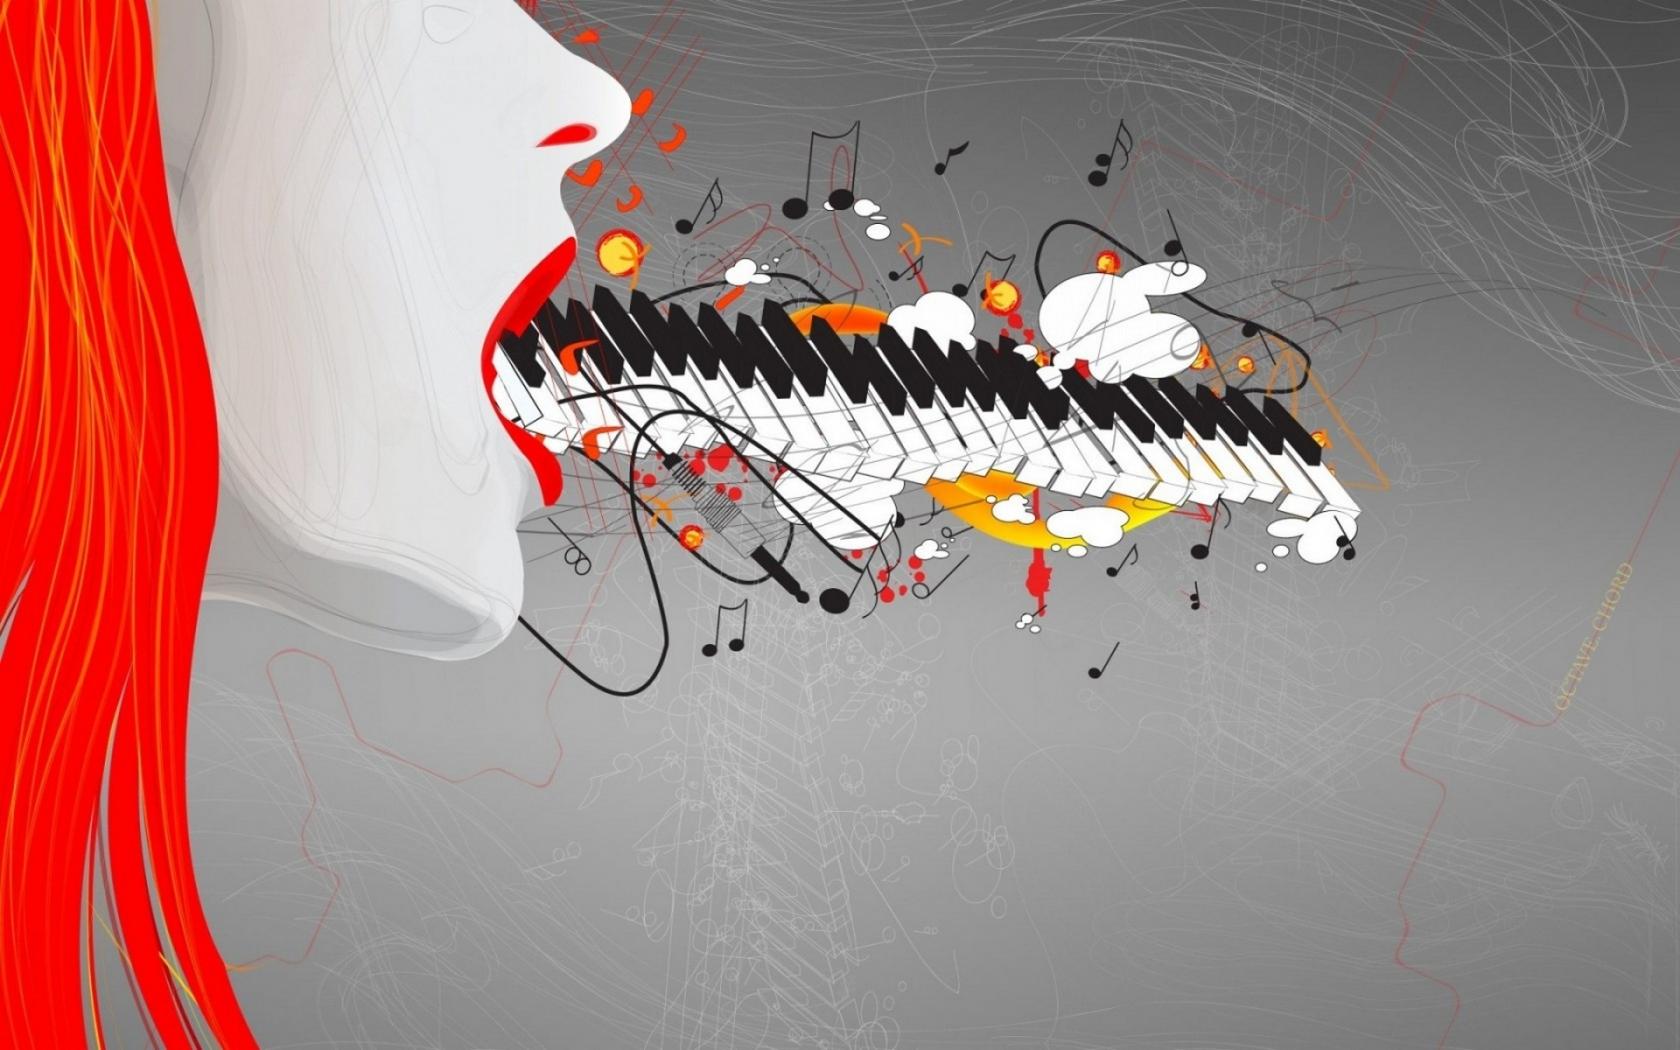 Teclado y música abstracto - 1680x1050